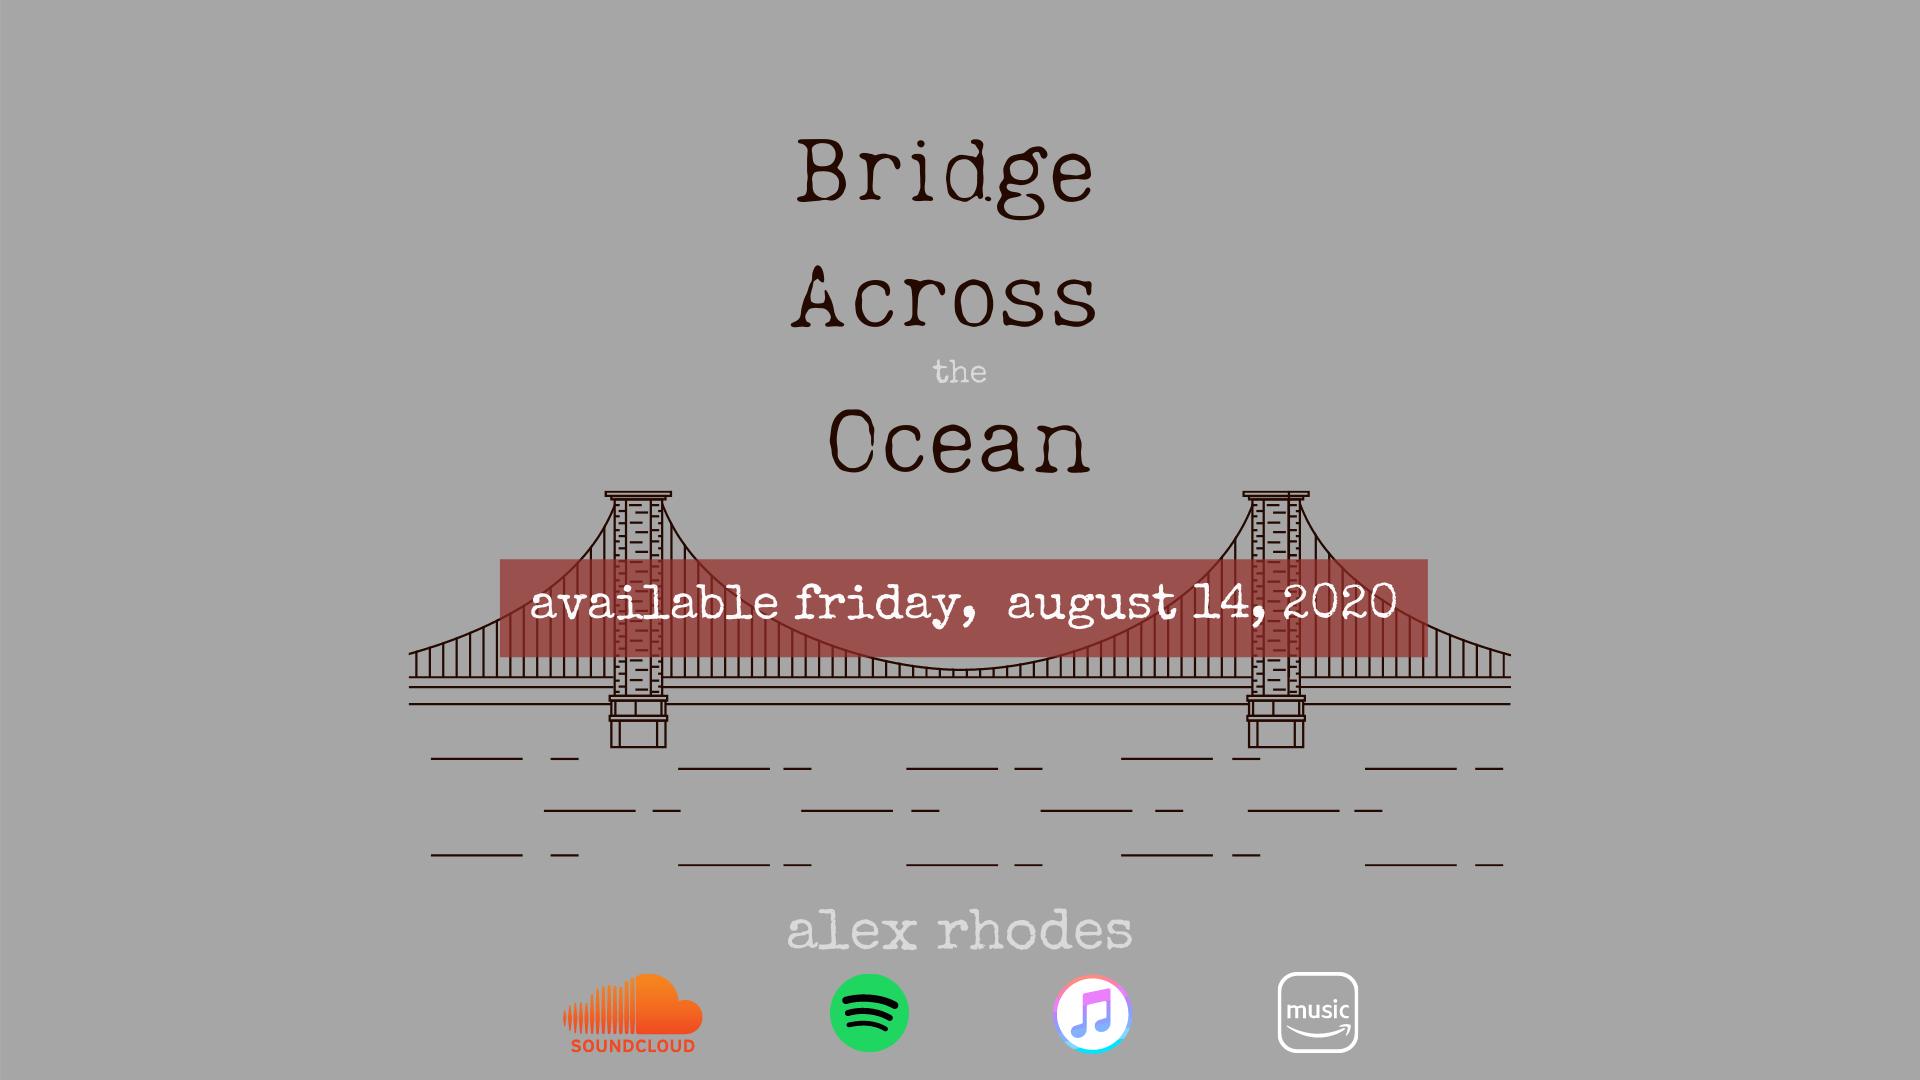 Bridge Across the Ocean Release!!!